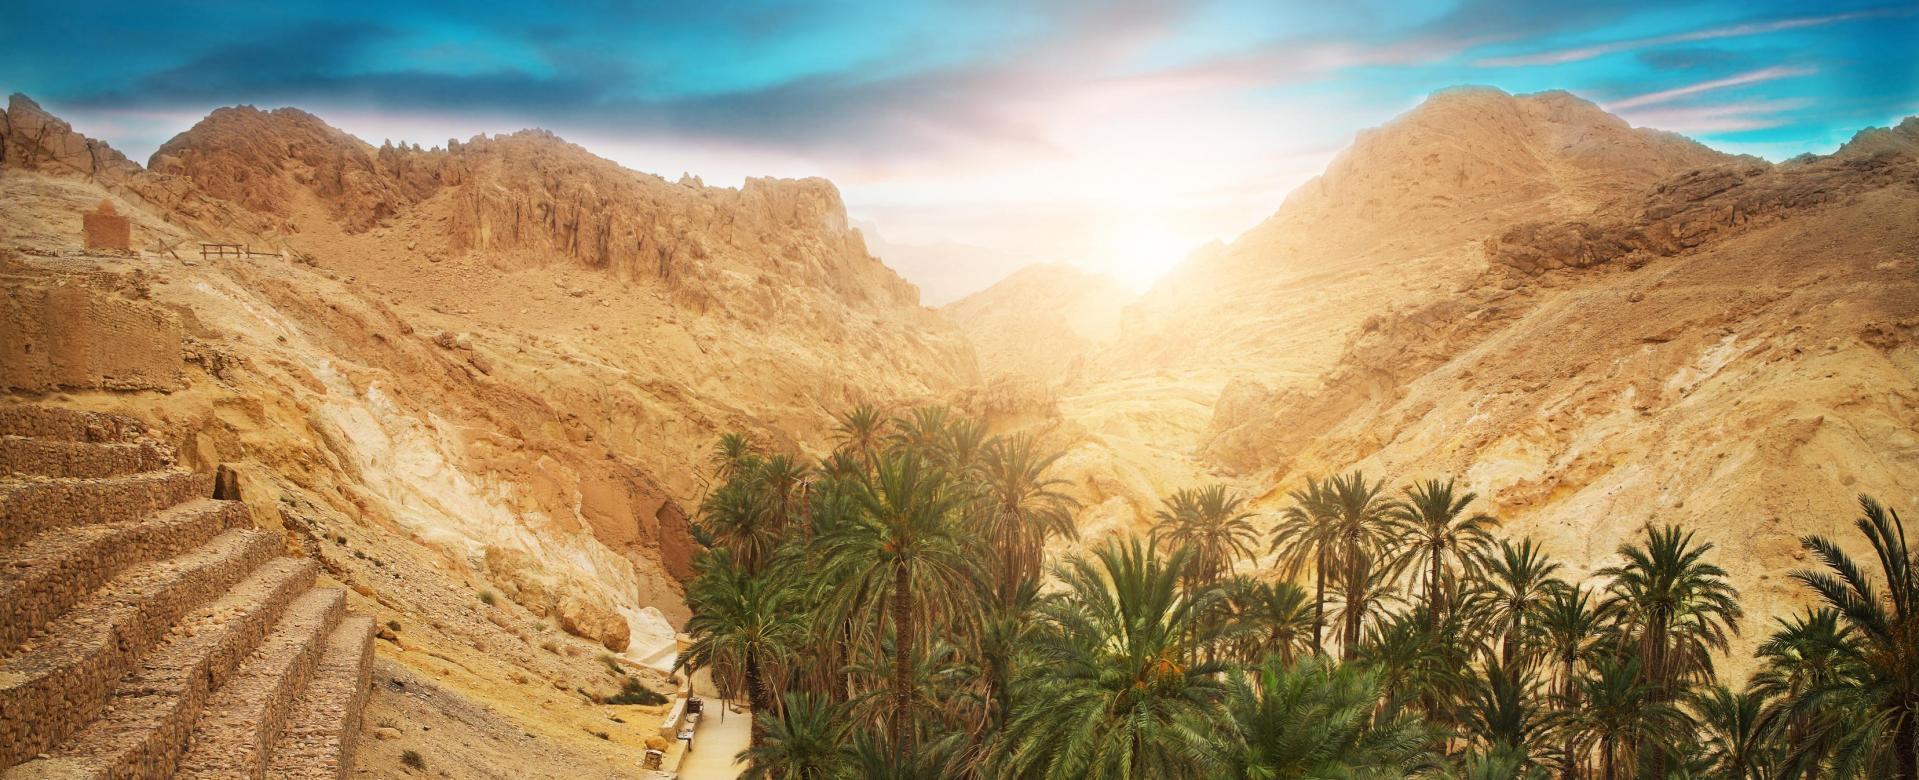 Voyage à pied : Montagnes, dunes et palmeraies